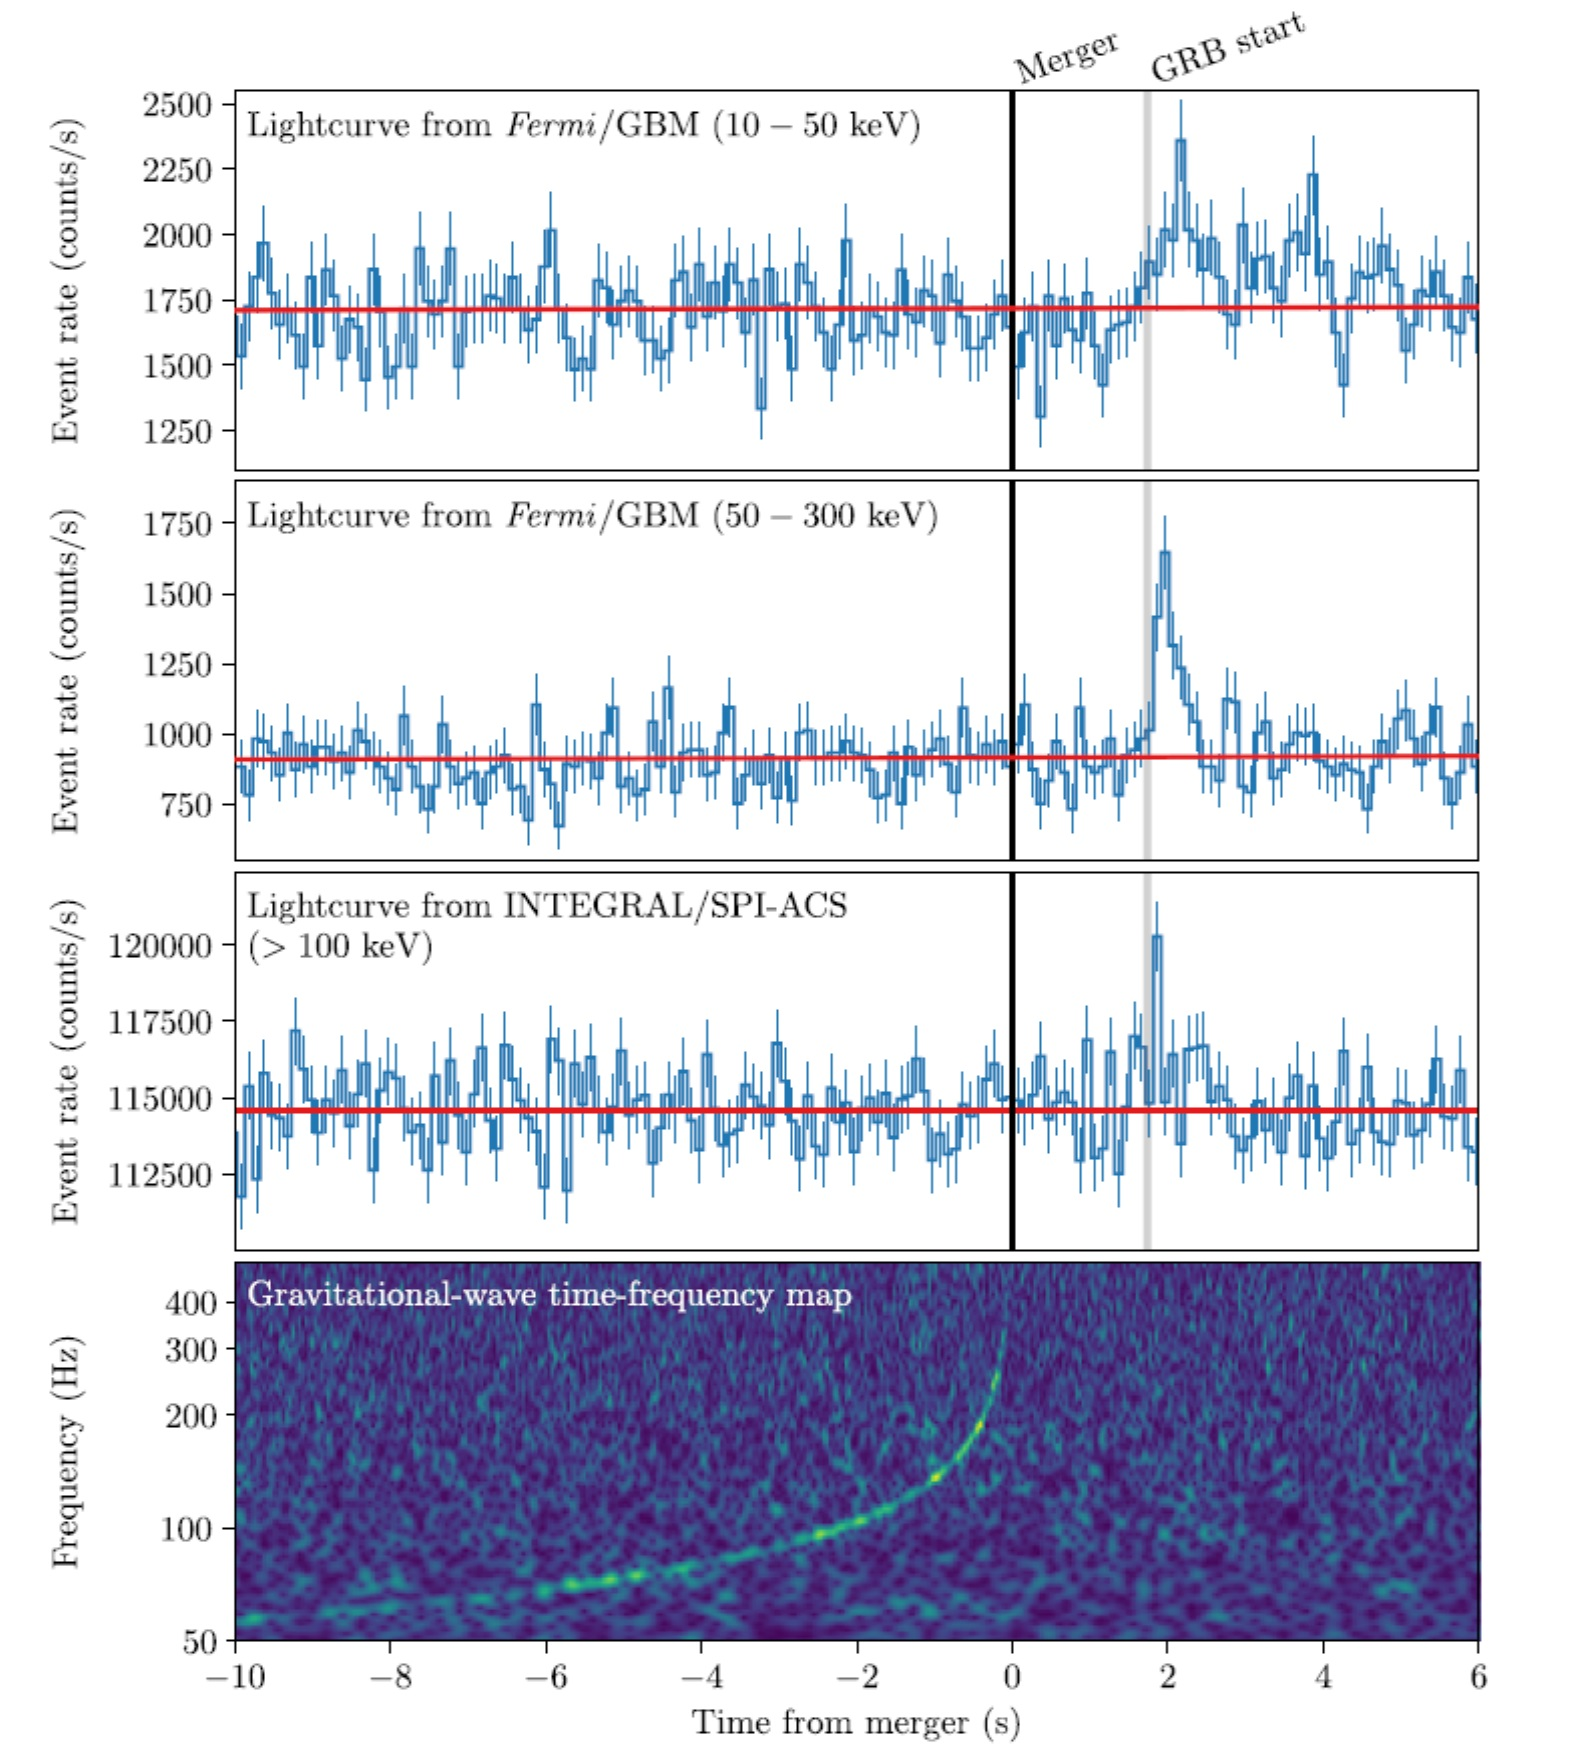 Porovnání časového průběhu emise gravitačních vln a záblesku gama měřeného různými sondami (zdroj The Astroph. Journal Letters 848:L13, 2017)